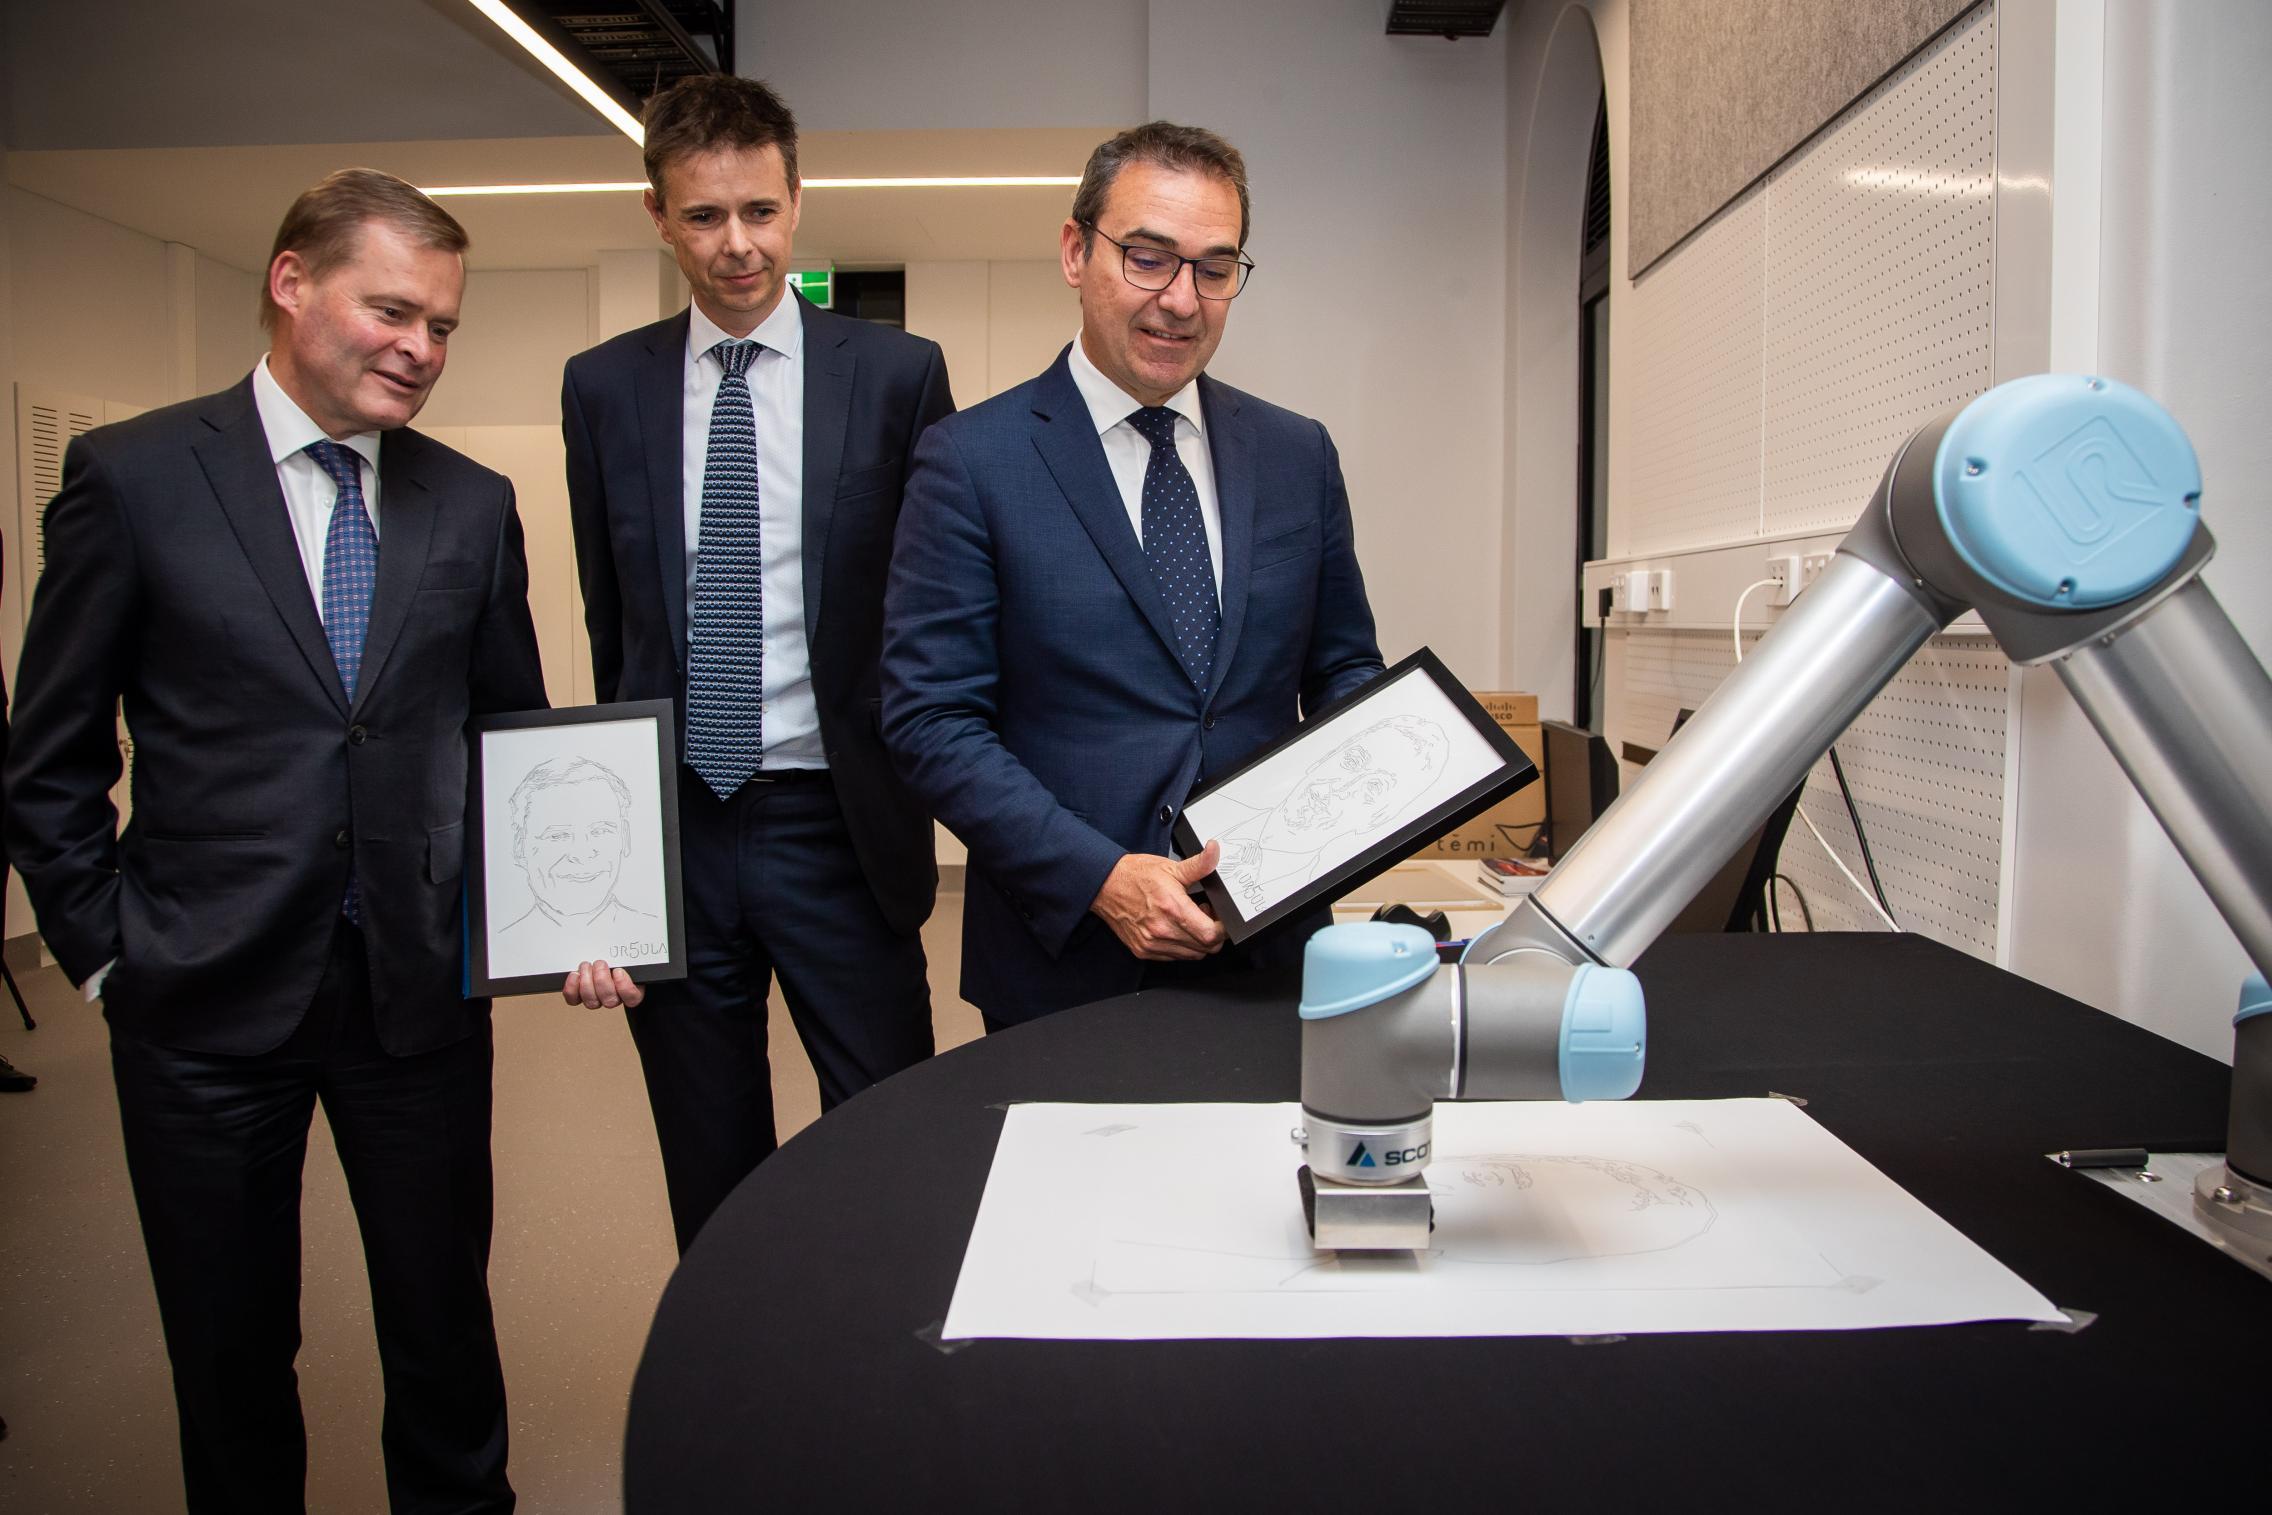 Professors Rathjen and van den Hengel with Premier Stevn Marshall in AIML